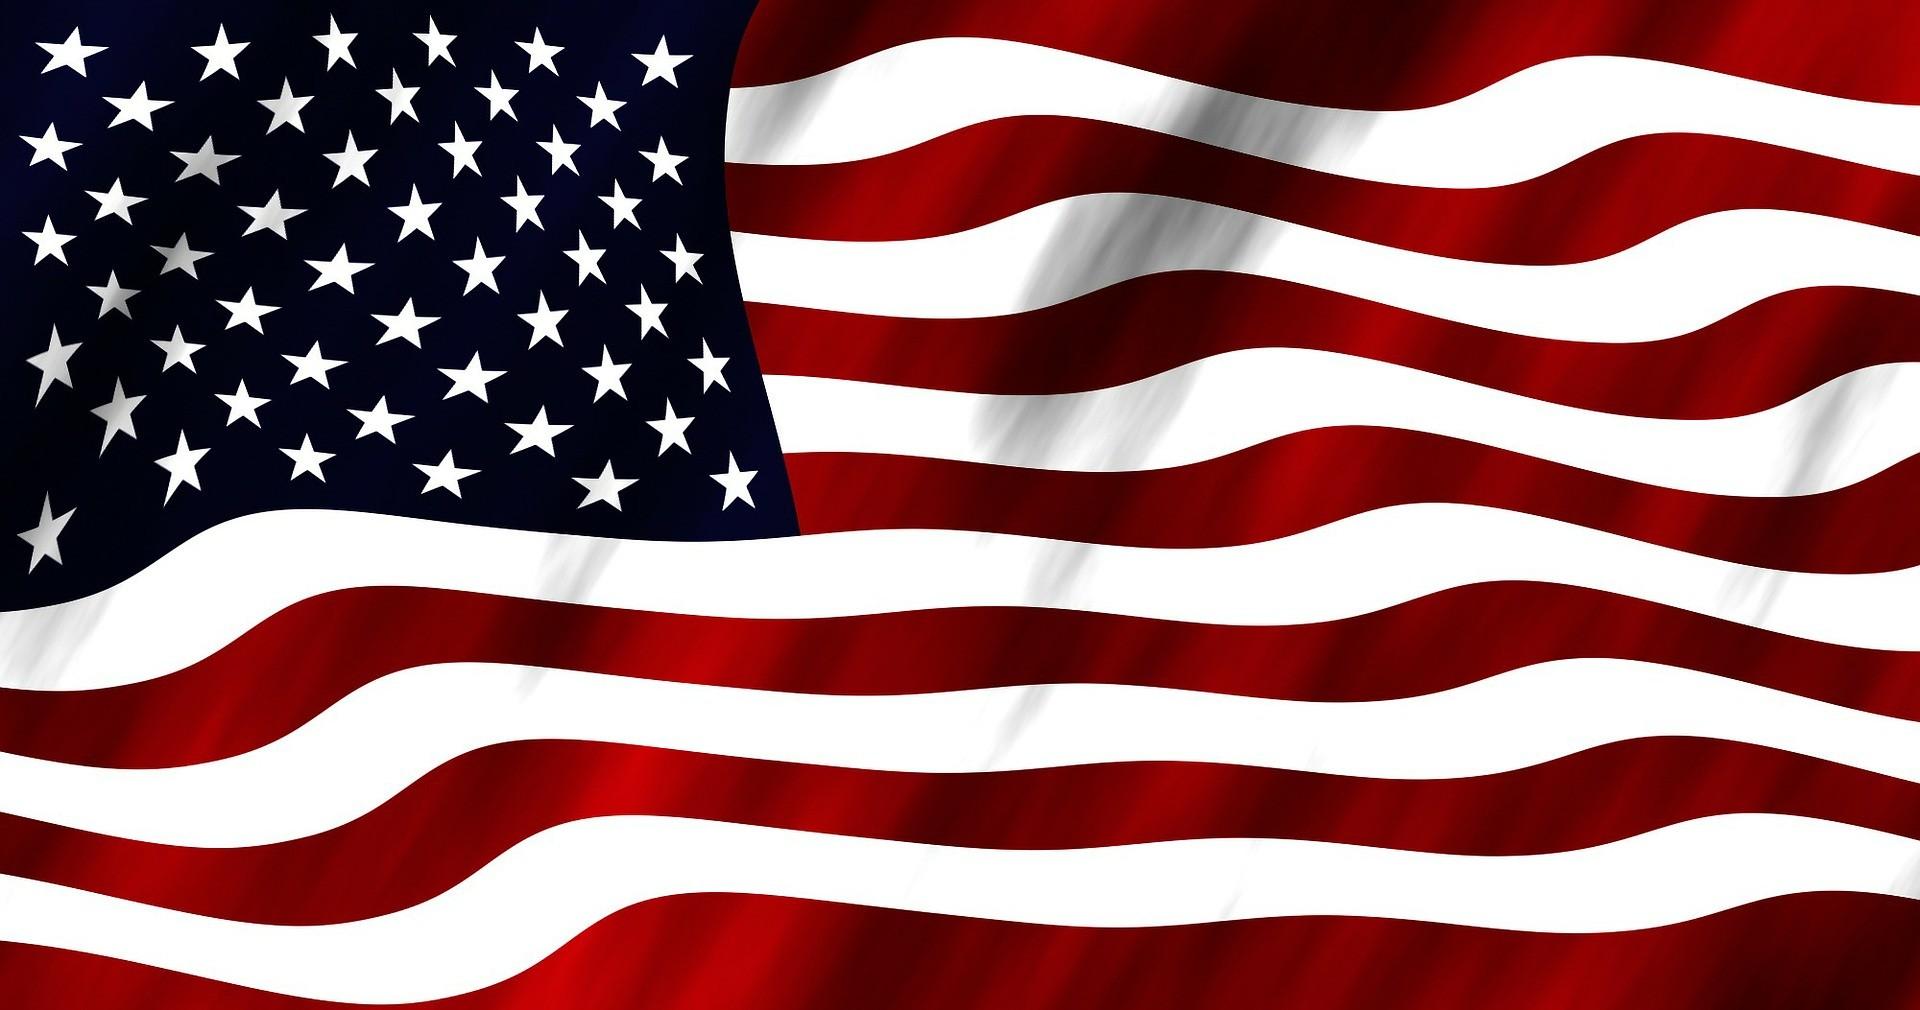 AmerikanischeFlagge